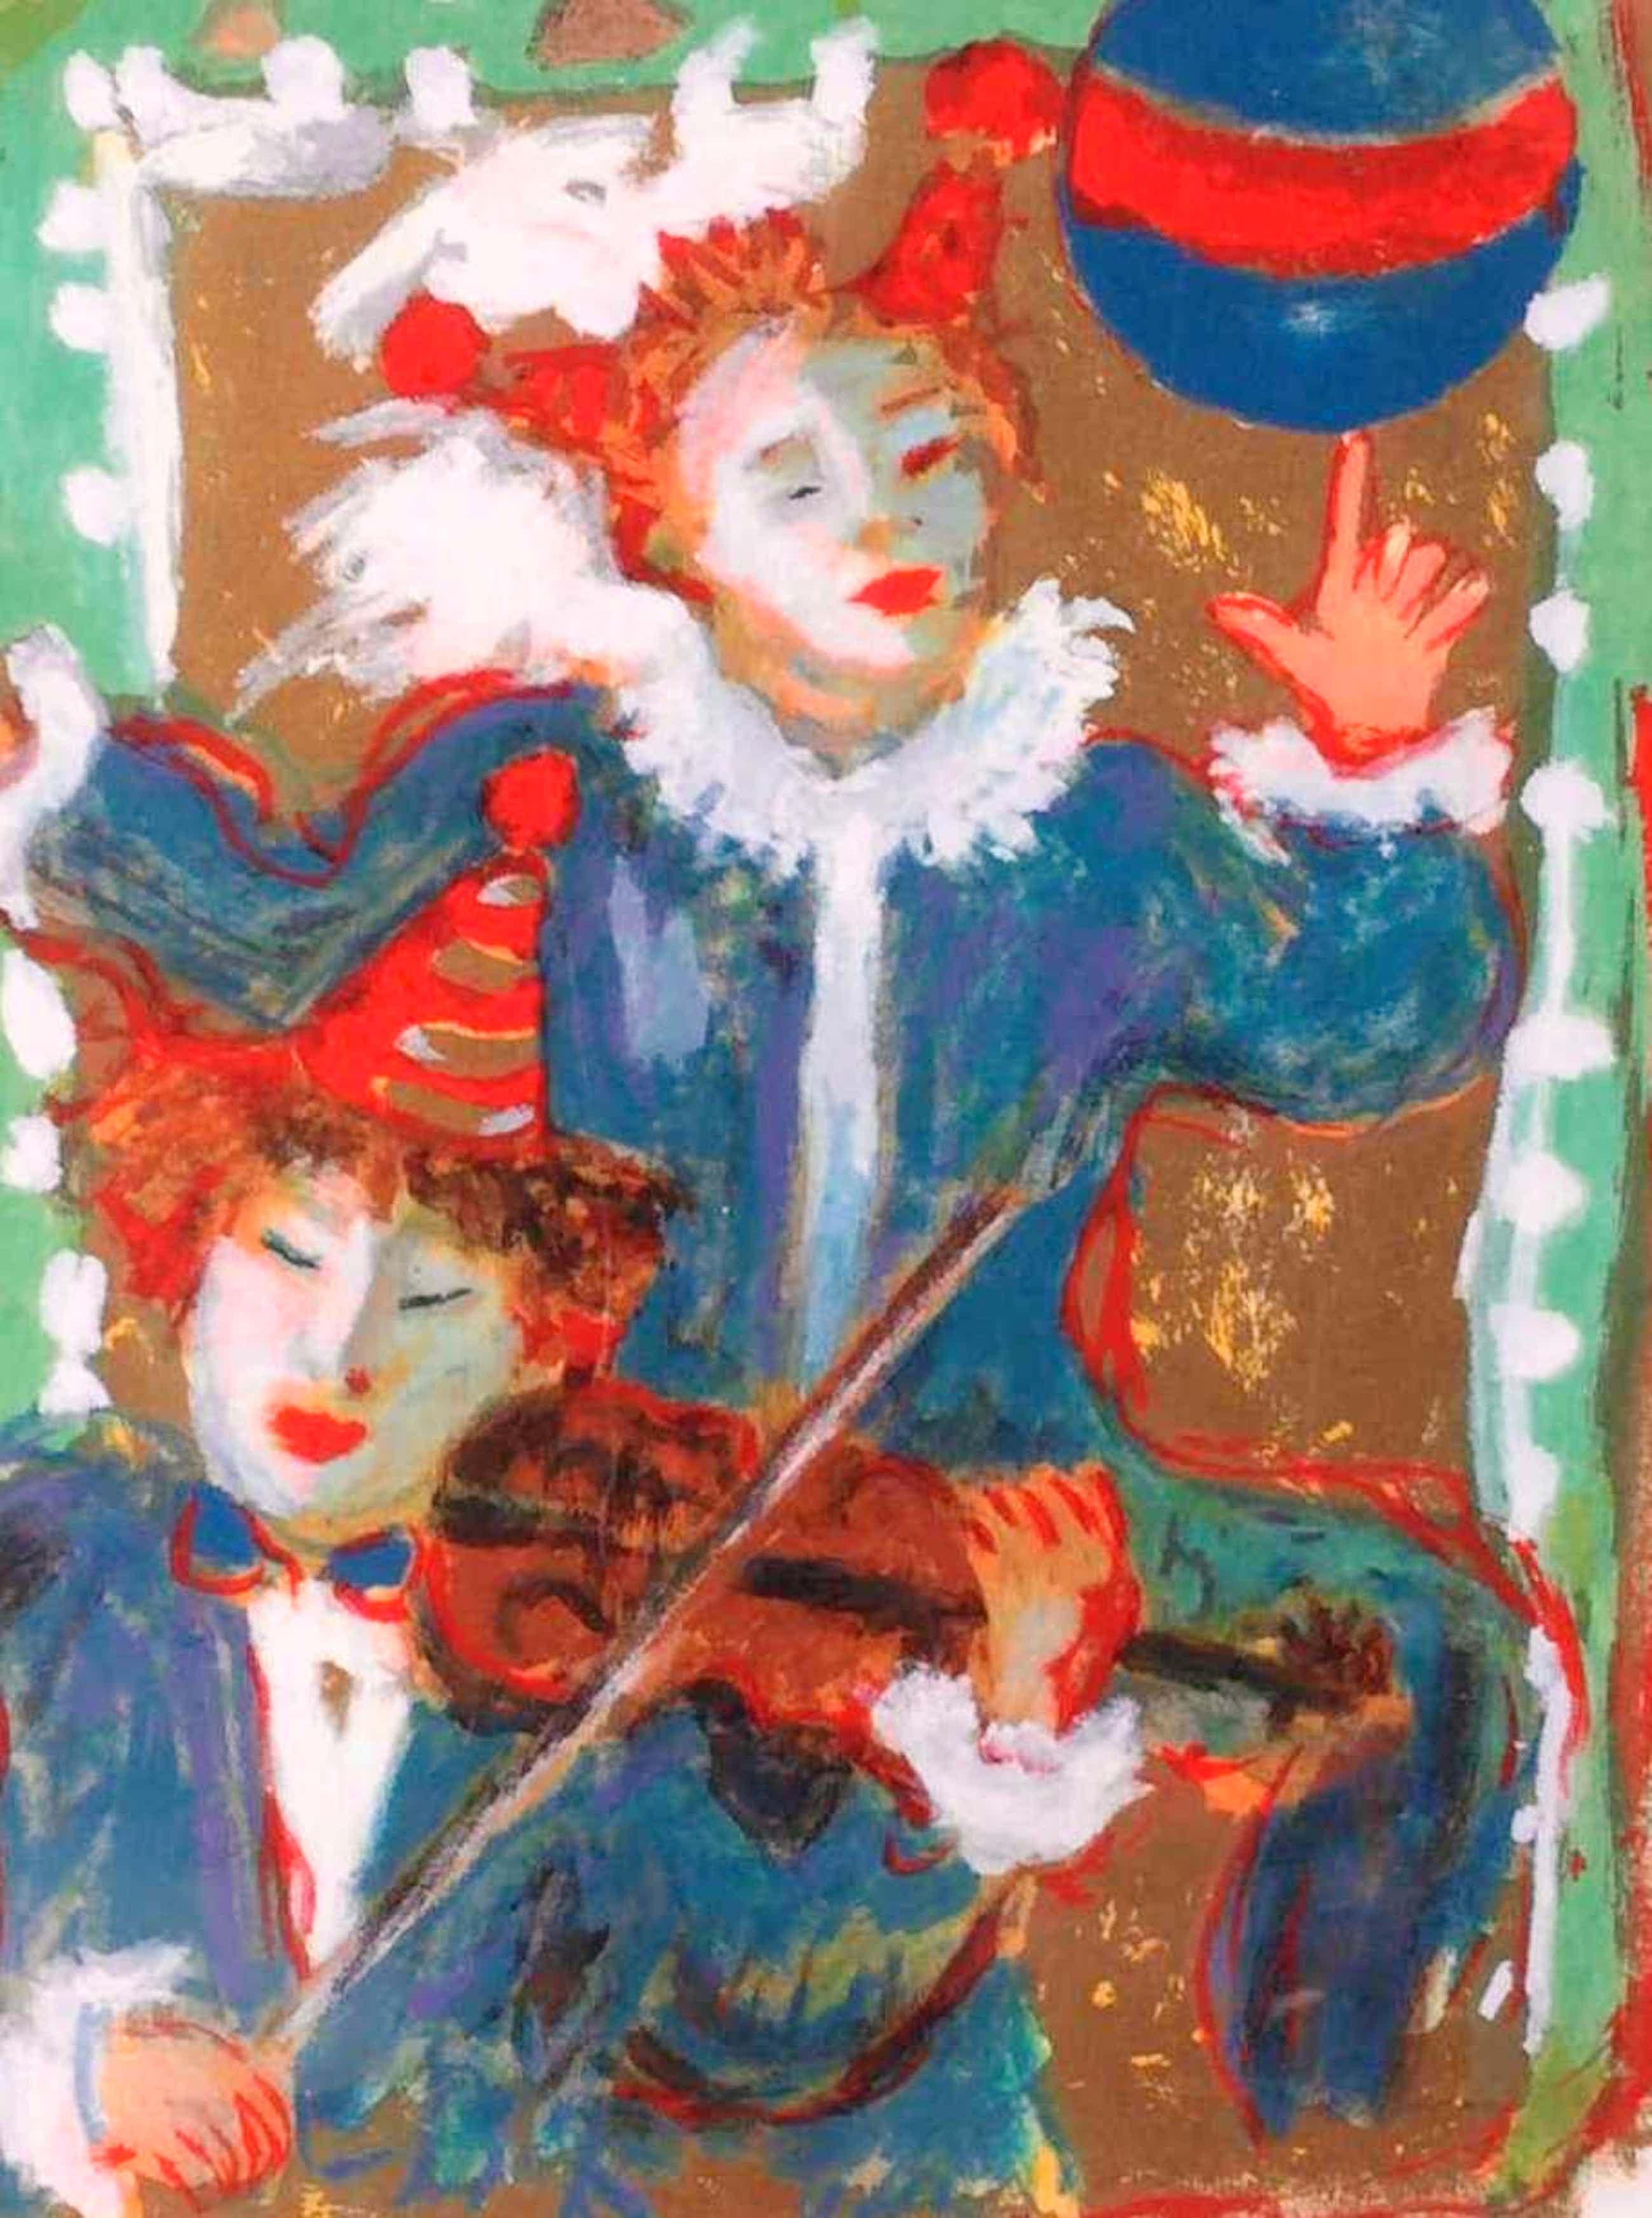 Annemarie de Groot - C4726-15, Clowns, litho '99 kopen? Bied vanaf 75!